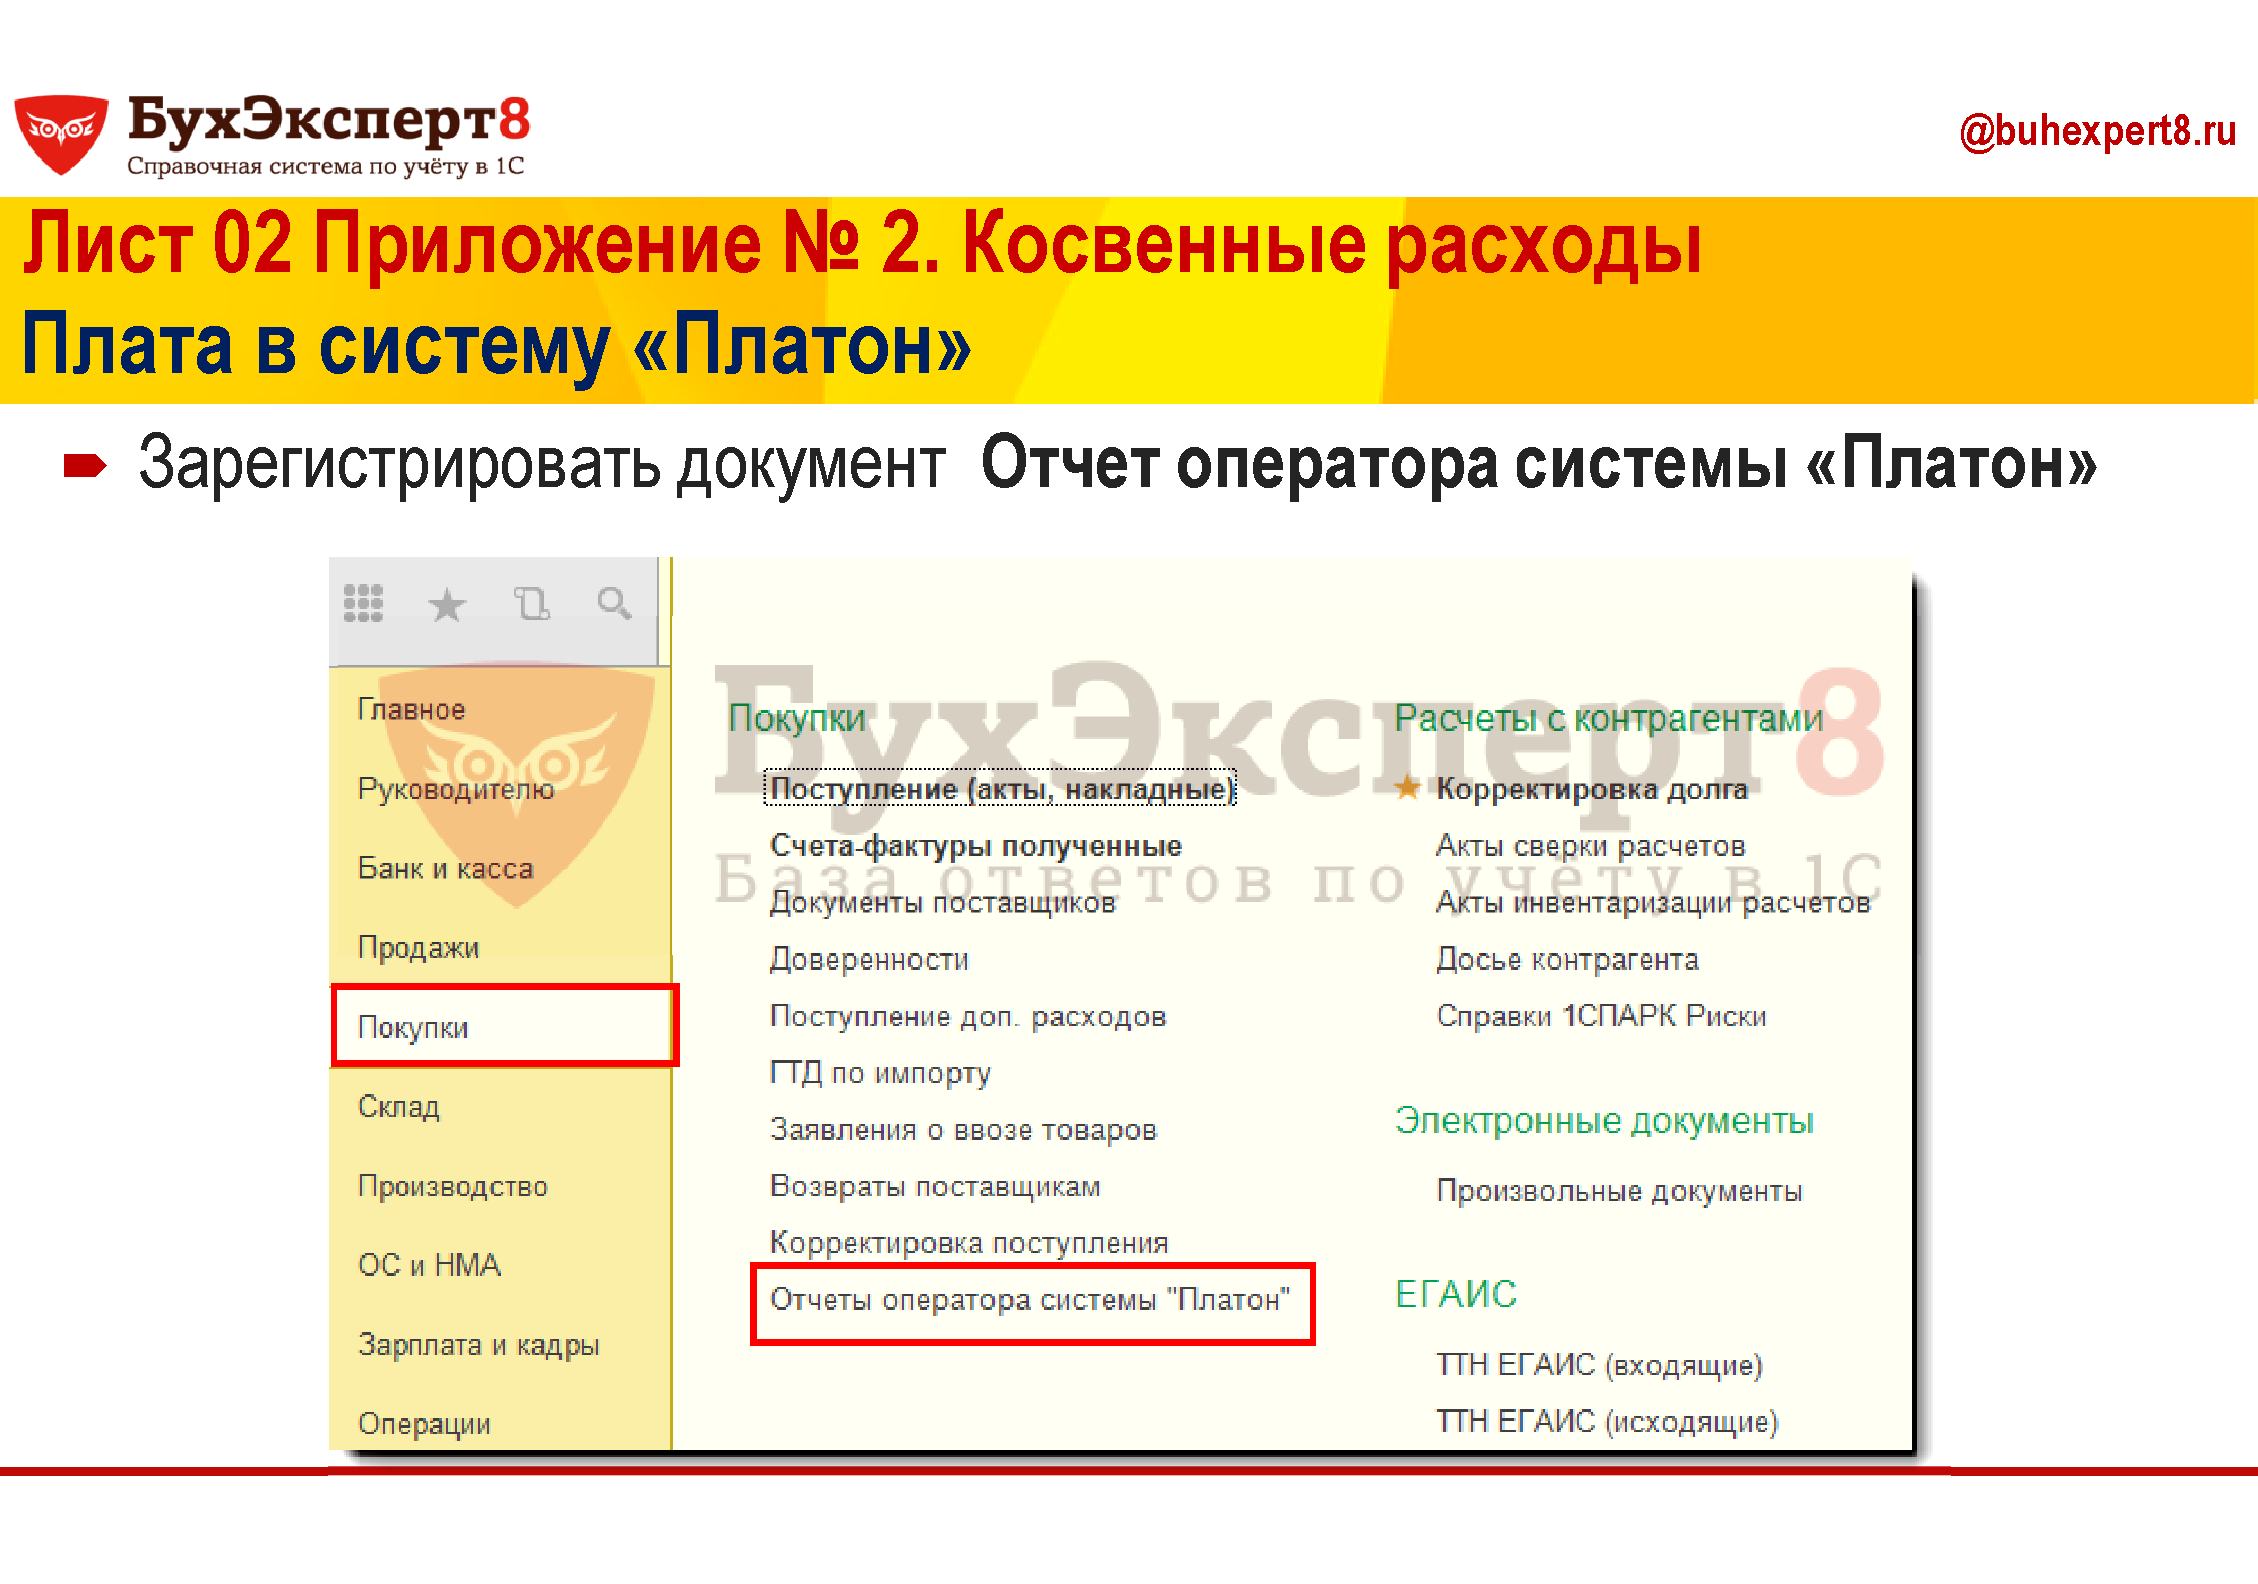 Зарегистрировать документ  Отчет оператора системы «Платон»